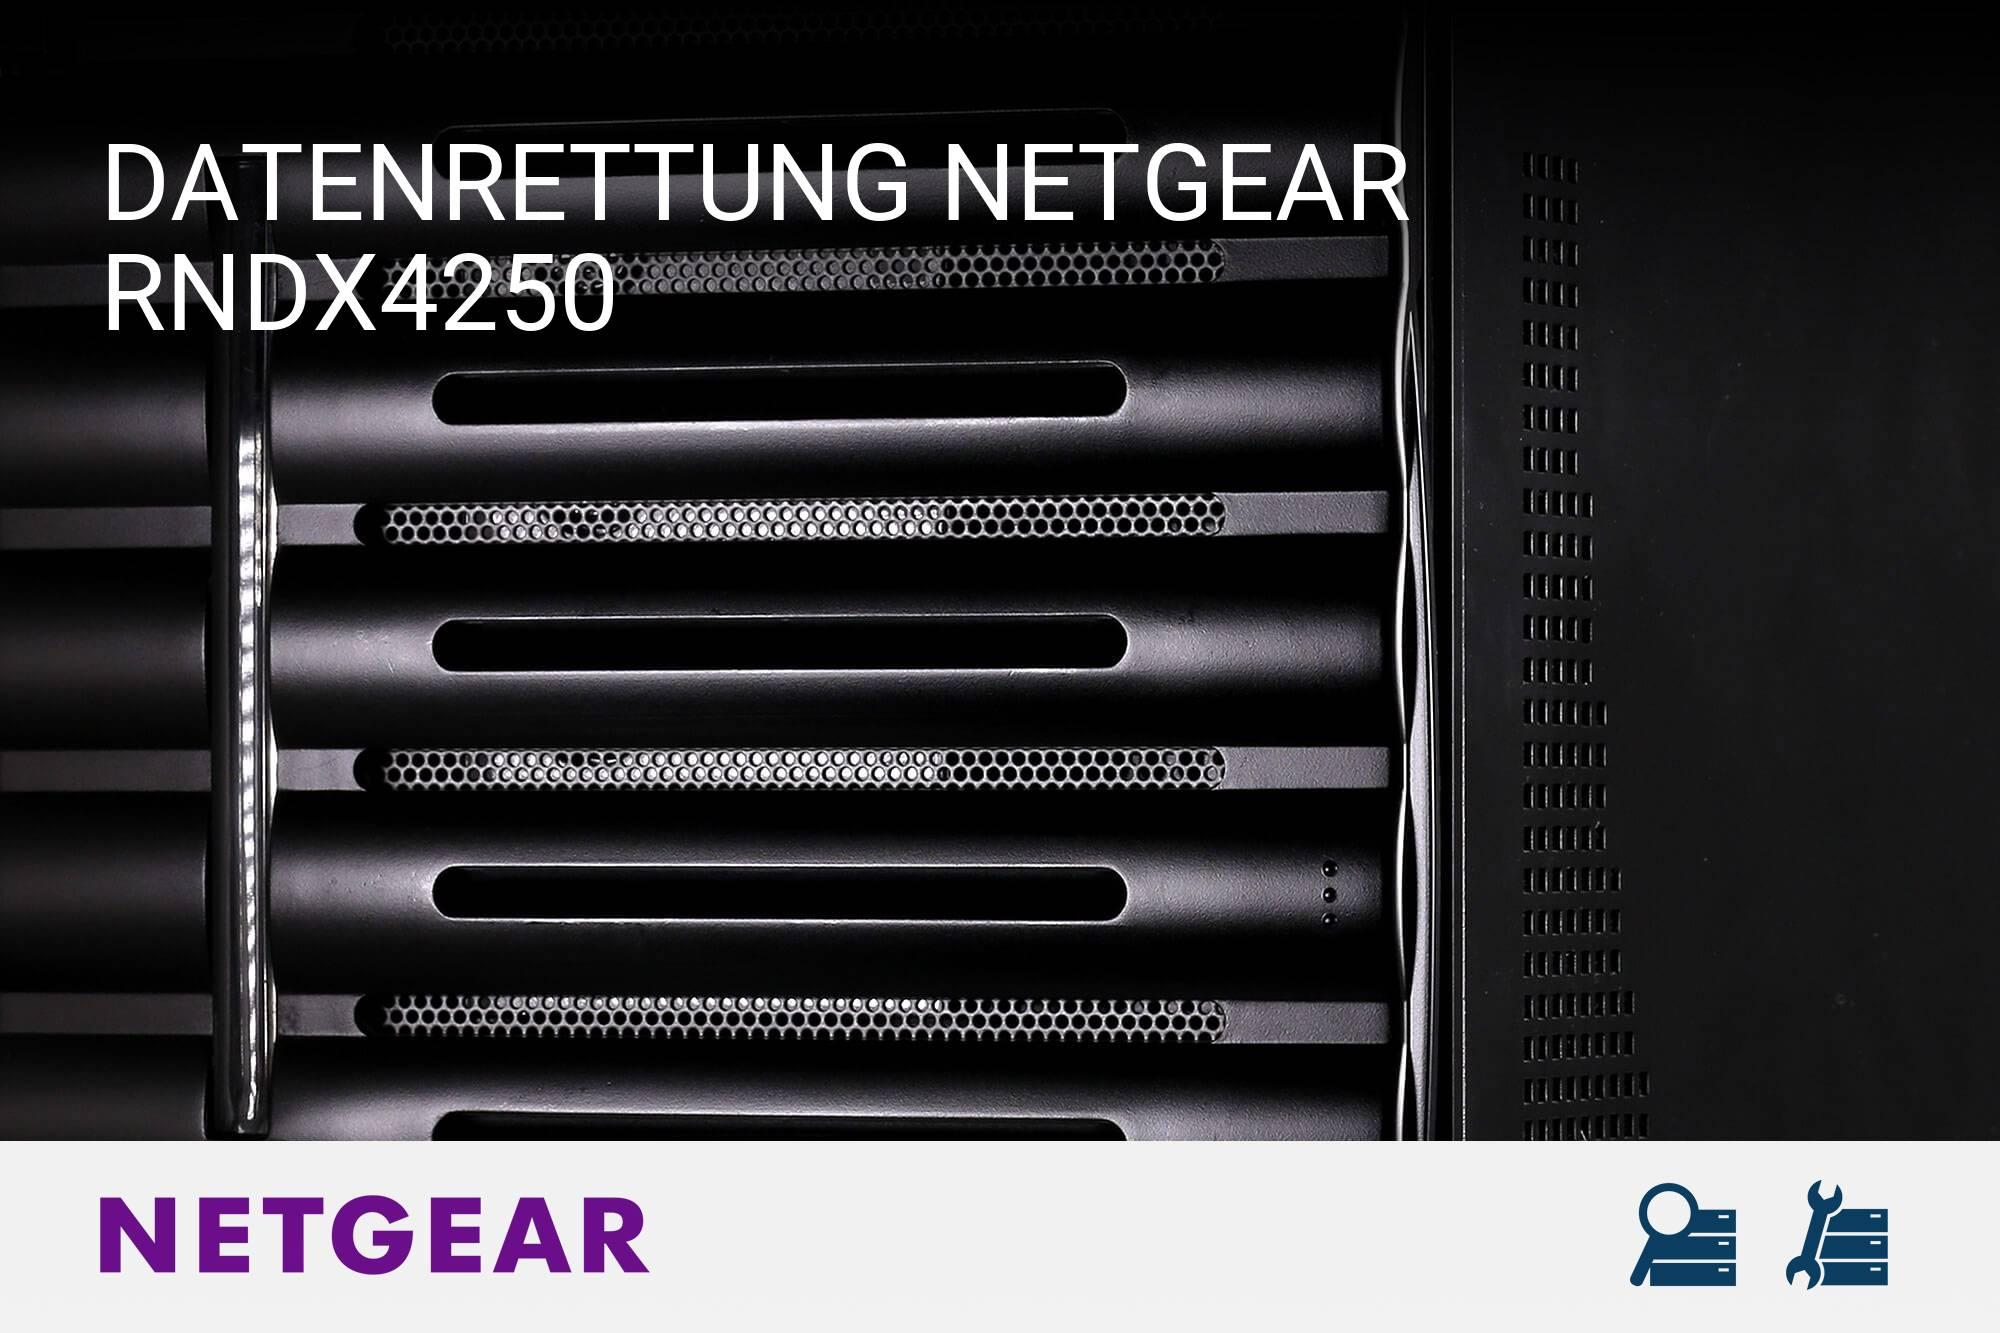 Netgear RNDX4250